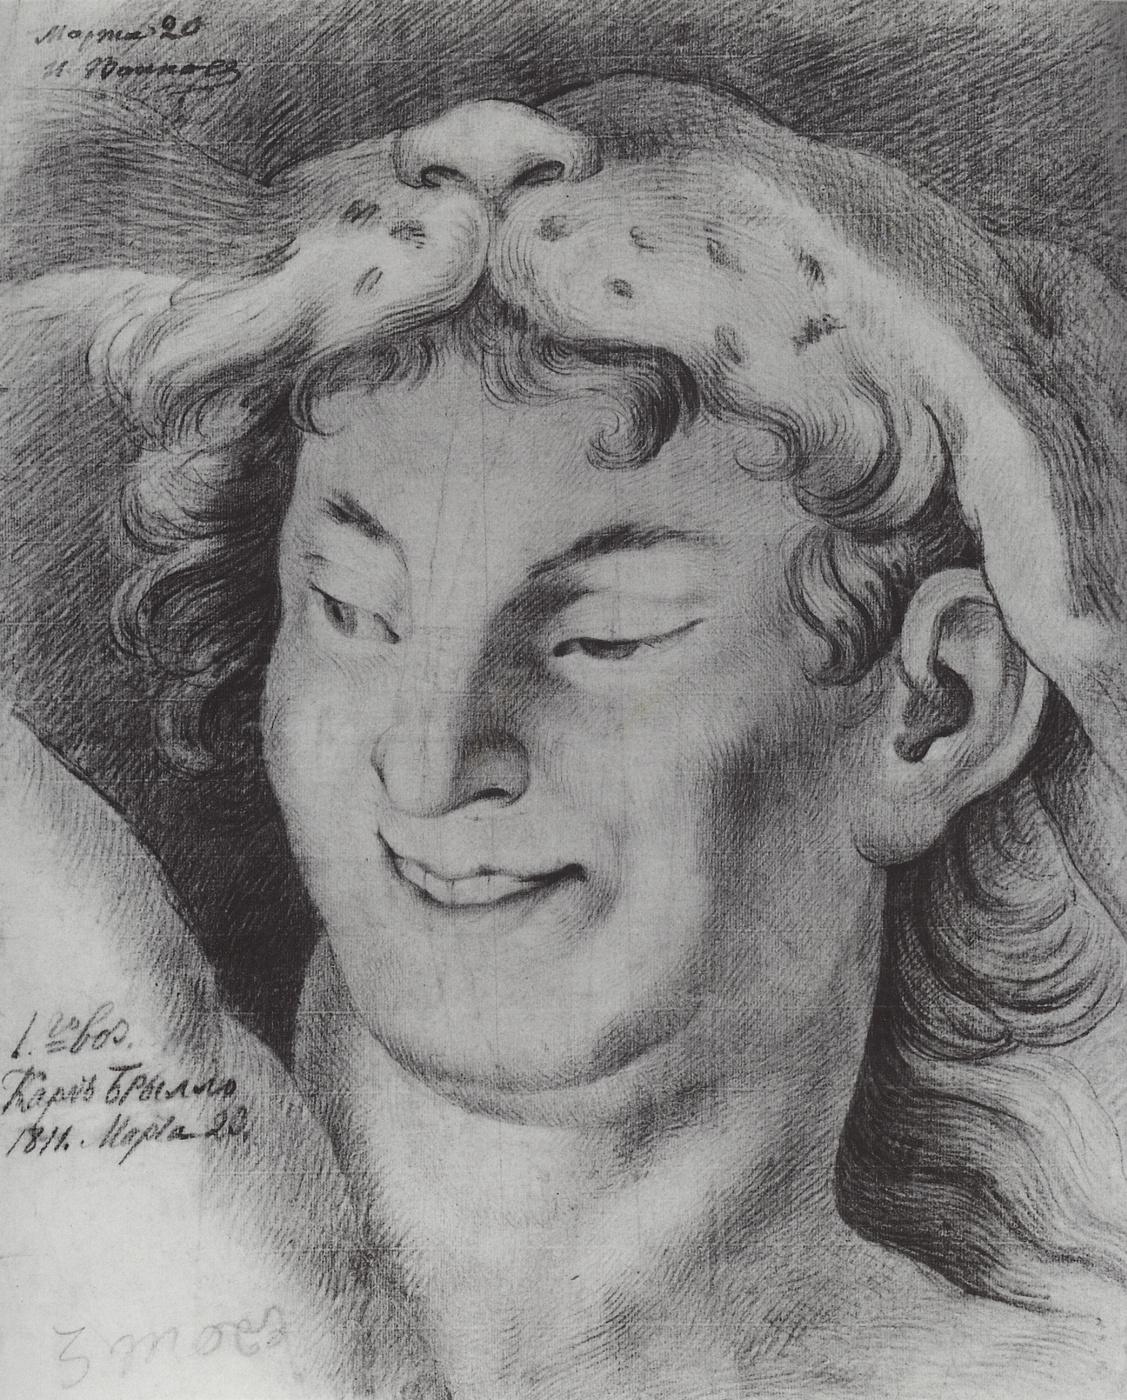 акварельный рисунок гений искусства брюллов эффектное